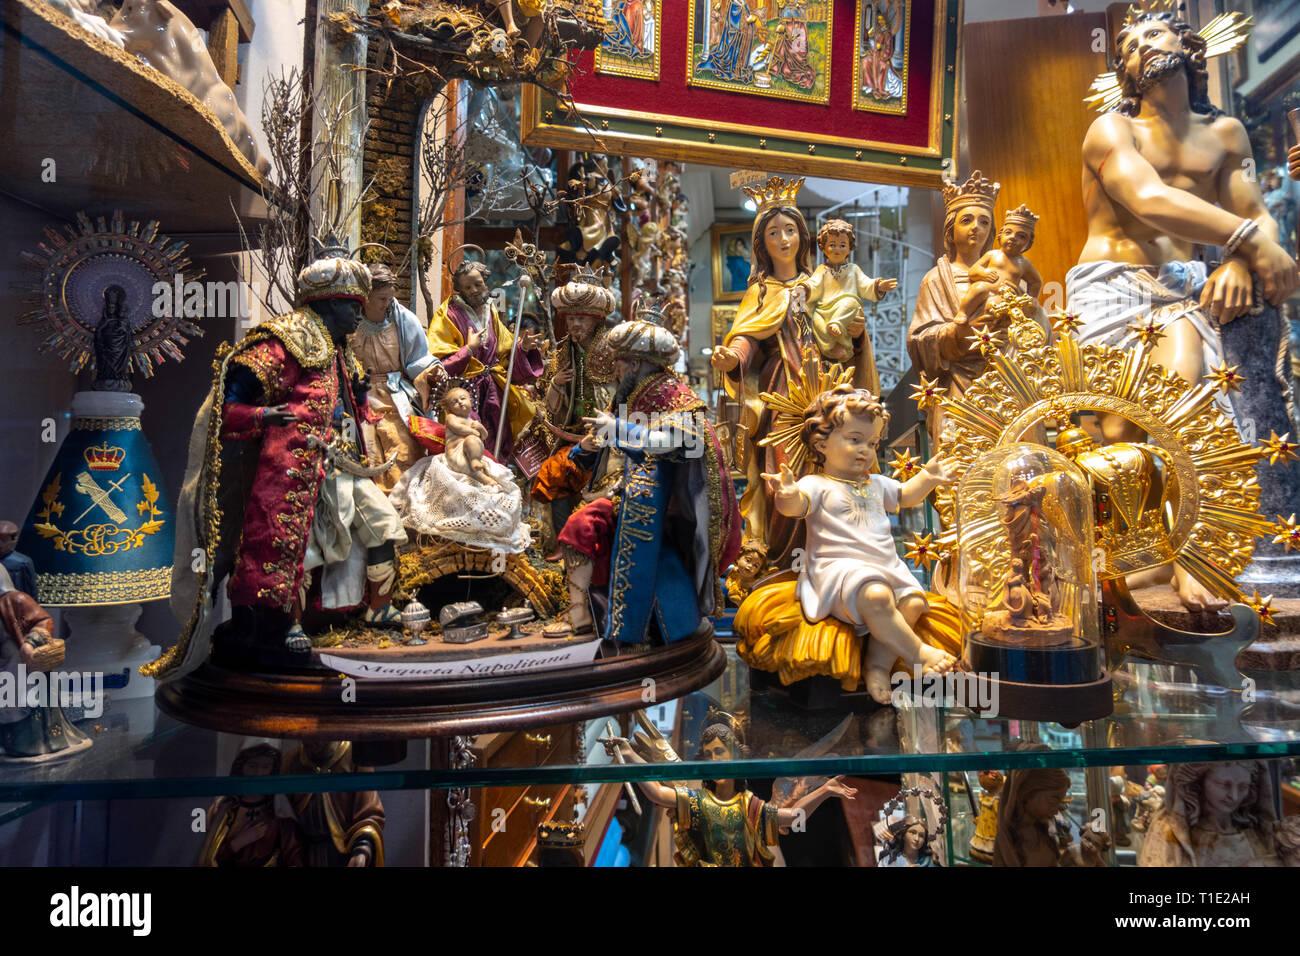 Tienda de Madrid Articulos Religiosos El Ángel. Tienda de artículos religiosos, los escaparates con escenas de la Natividad; el niño Jesús y figurillas católica. Imagen De Stock